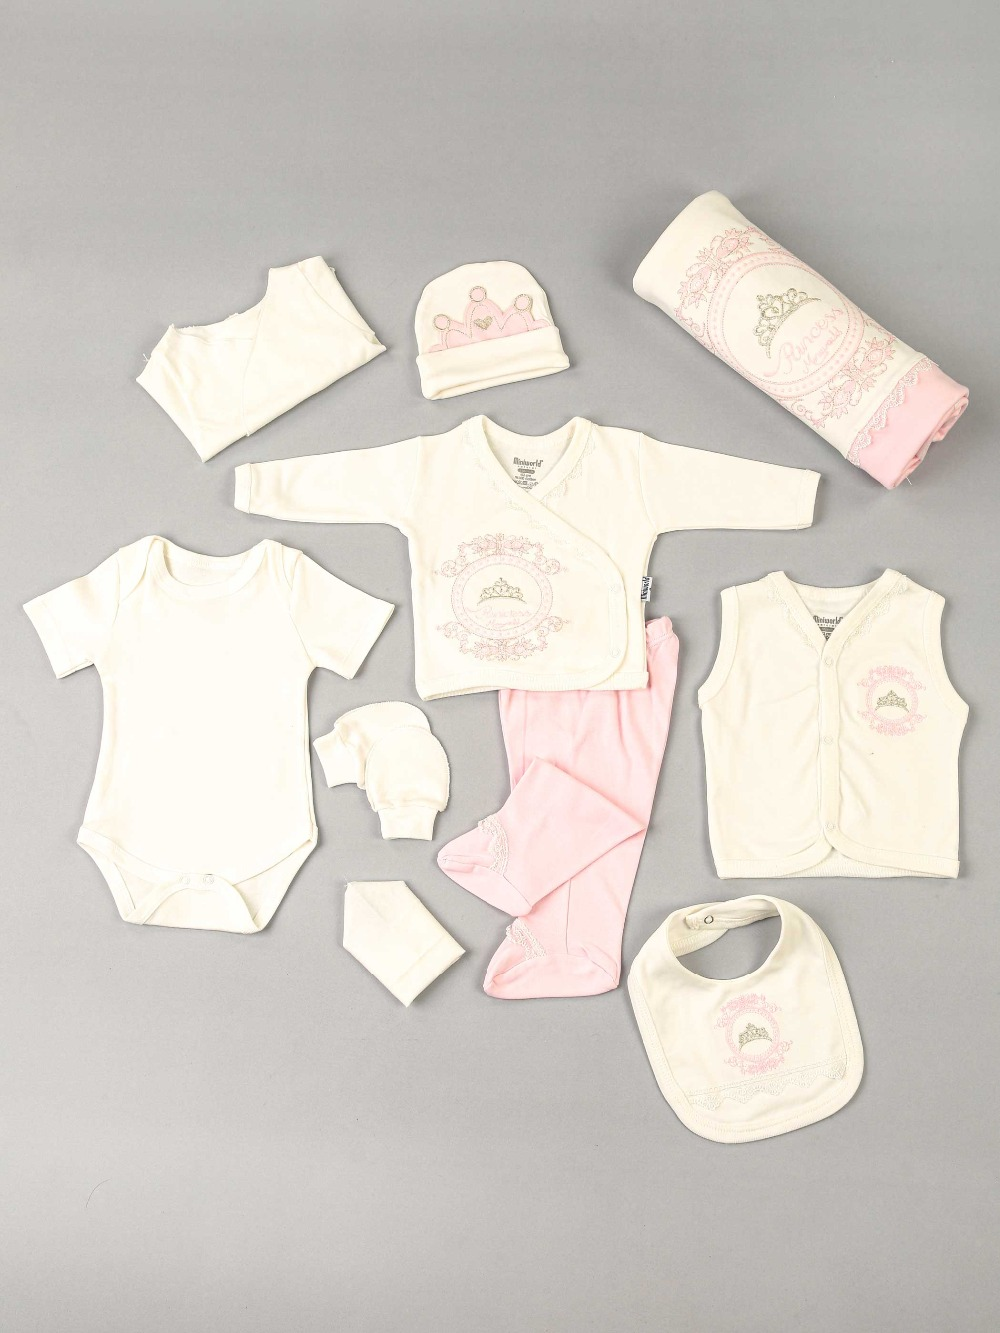 082-14279-021 Krem Yenidoğan 10 lu Kız Bebek Hastane Çıkışı (1)